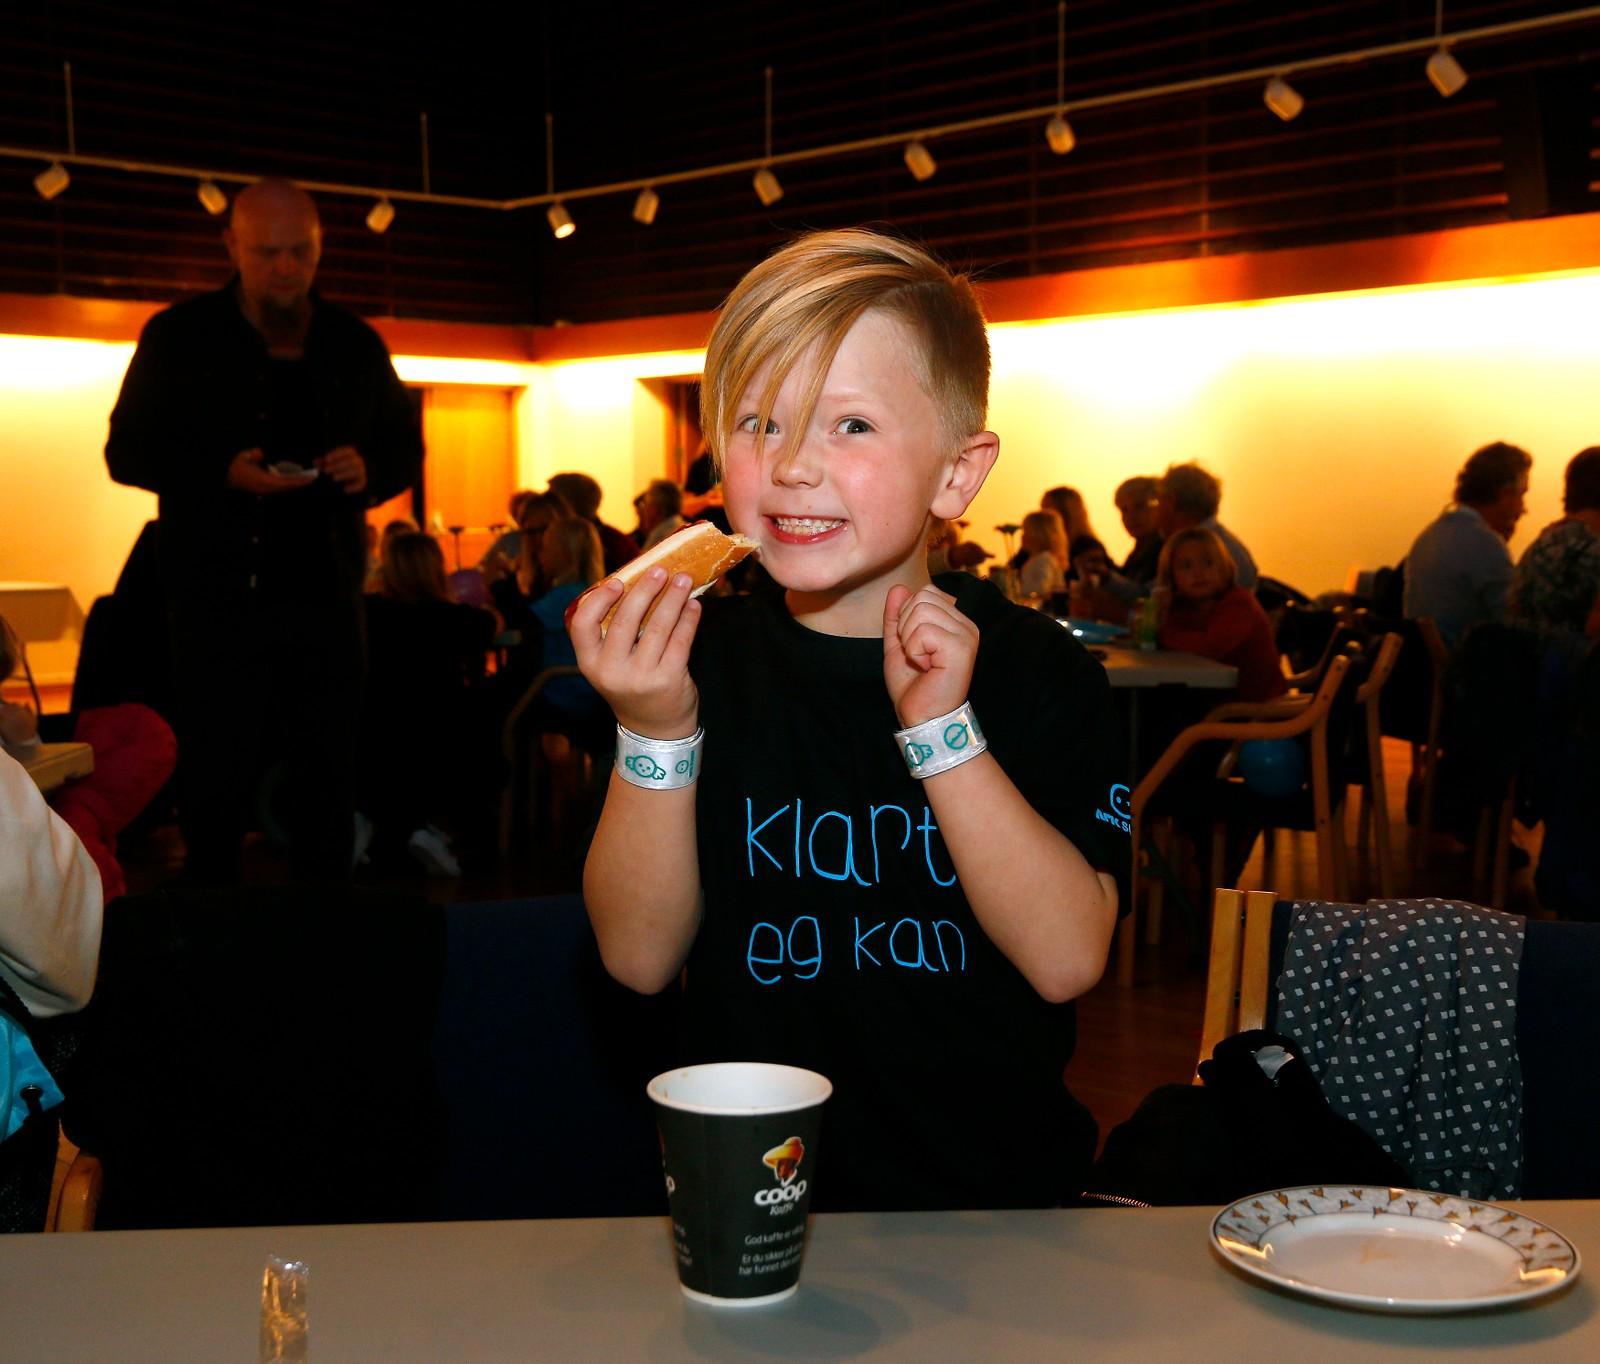 TØFFING: Jonah Stene Andersen likar å kose med små krokodillebabyar. Her kosar han seg på premierefest.